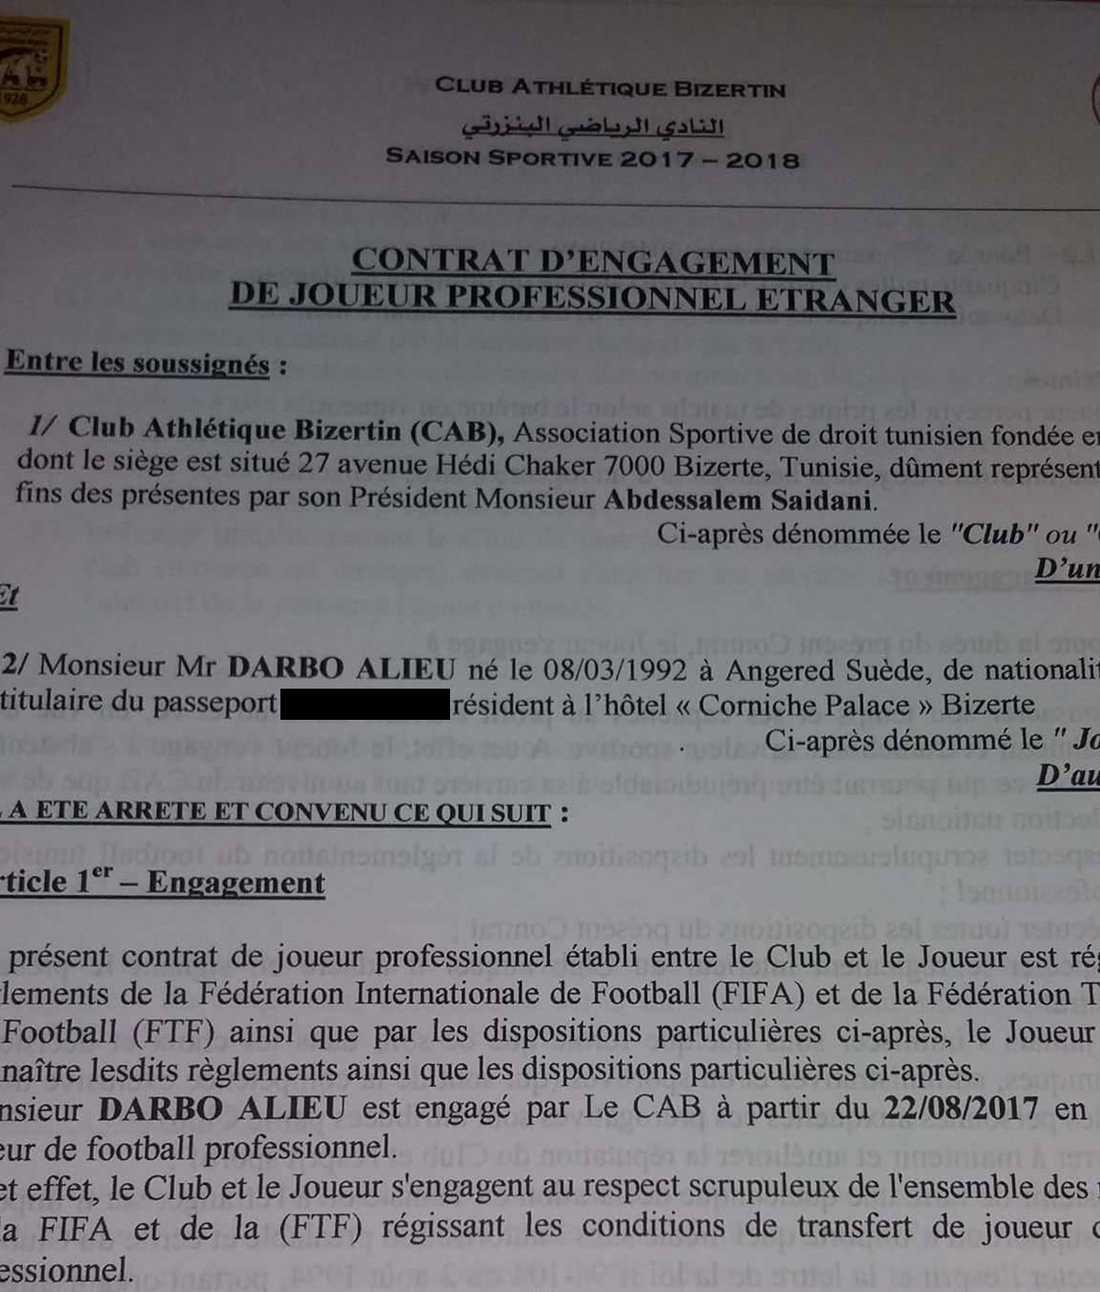 Alieu Darbos kontrakt med CA Bizertin daterat till den 22 augusti 2017.